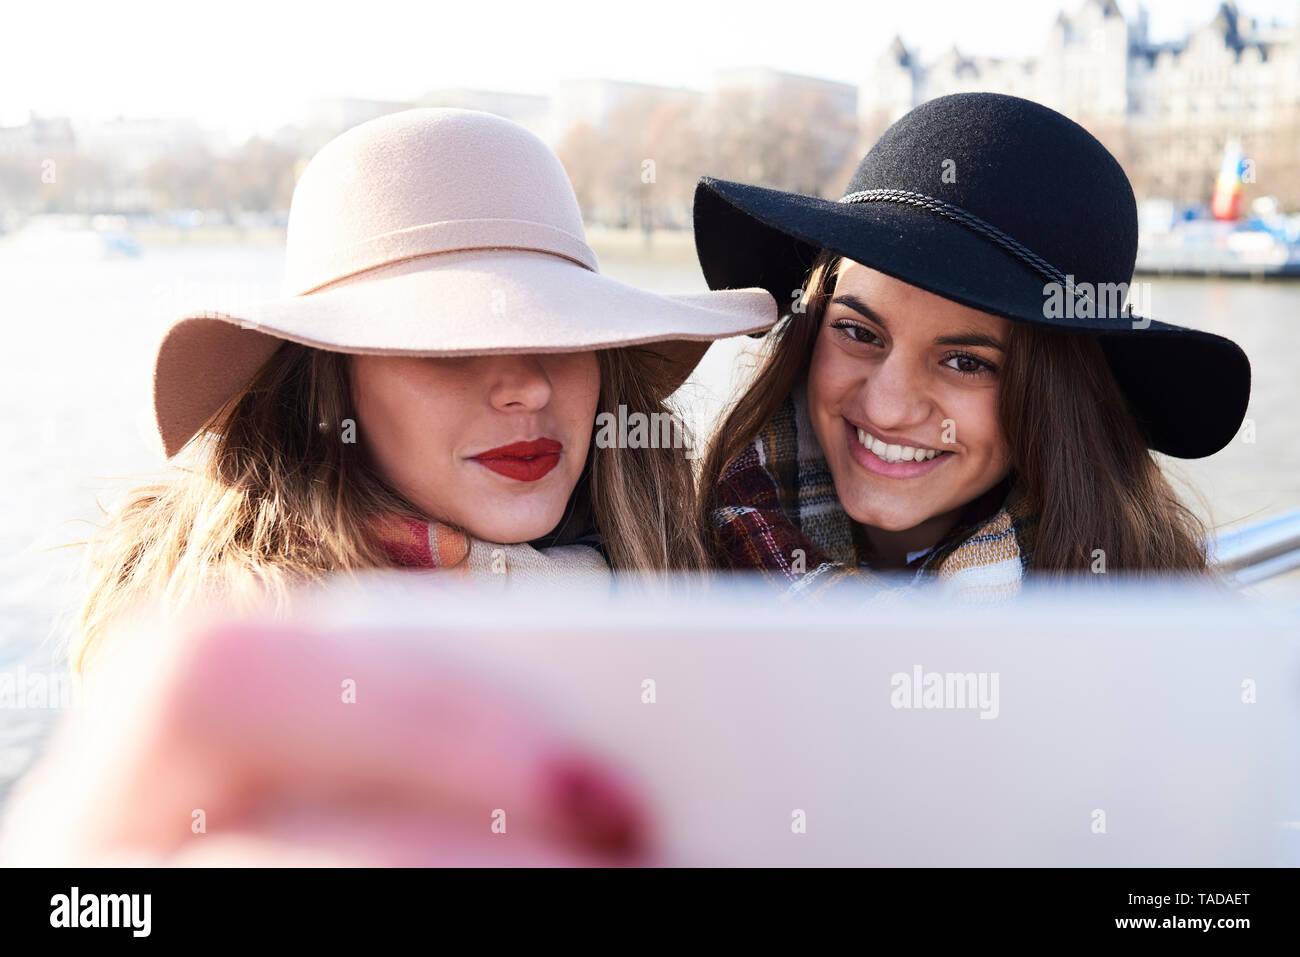 UK, London, two women wearing floppy hats taking a selfie on Millennium Bridge Stock Photo